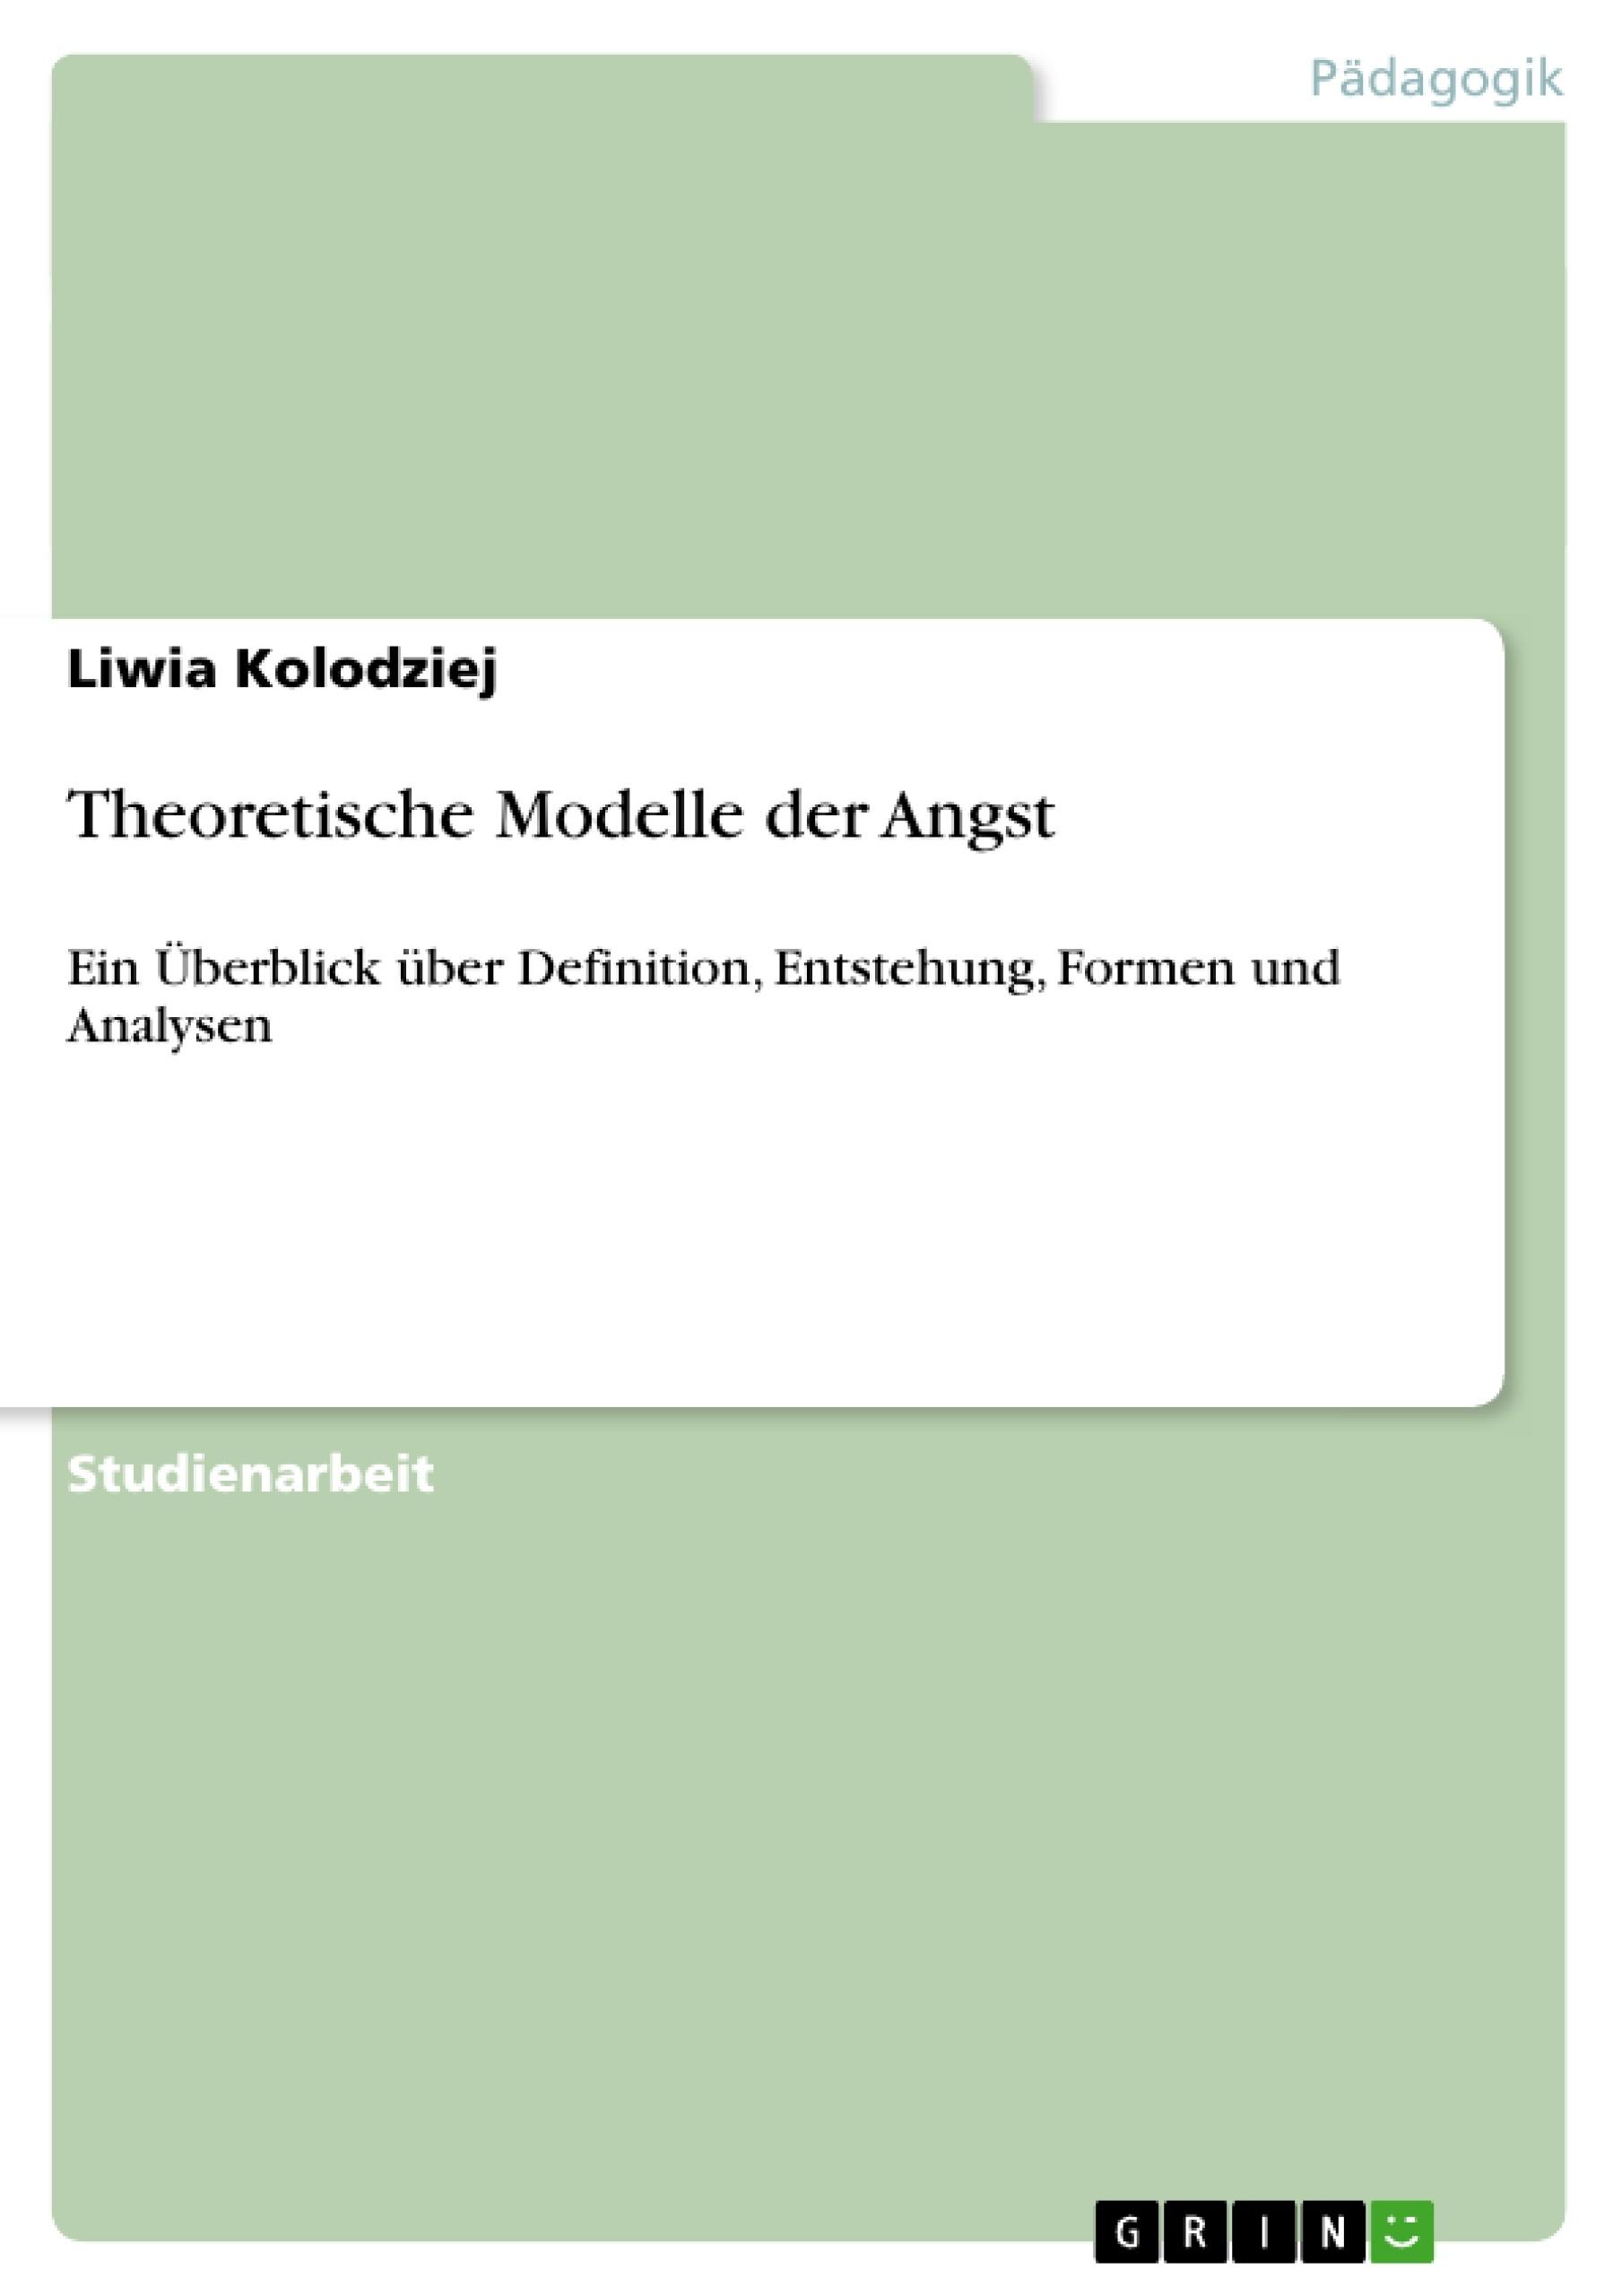 Titel: Theoretische Modelle der Angst